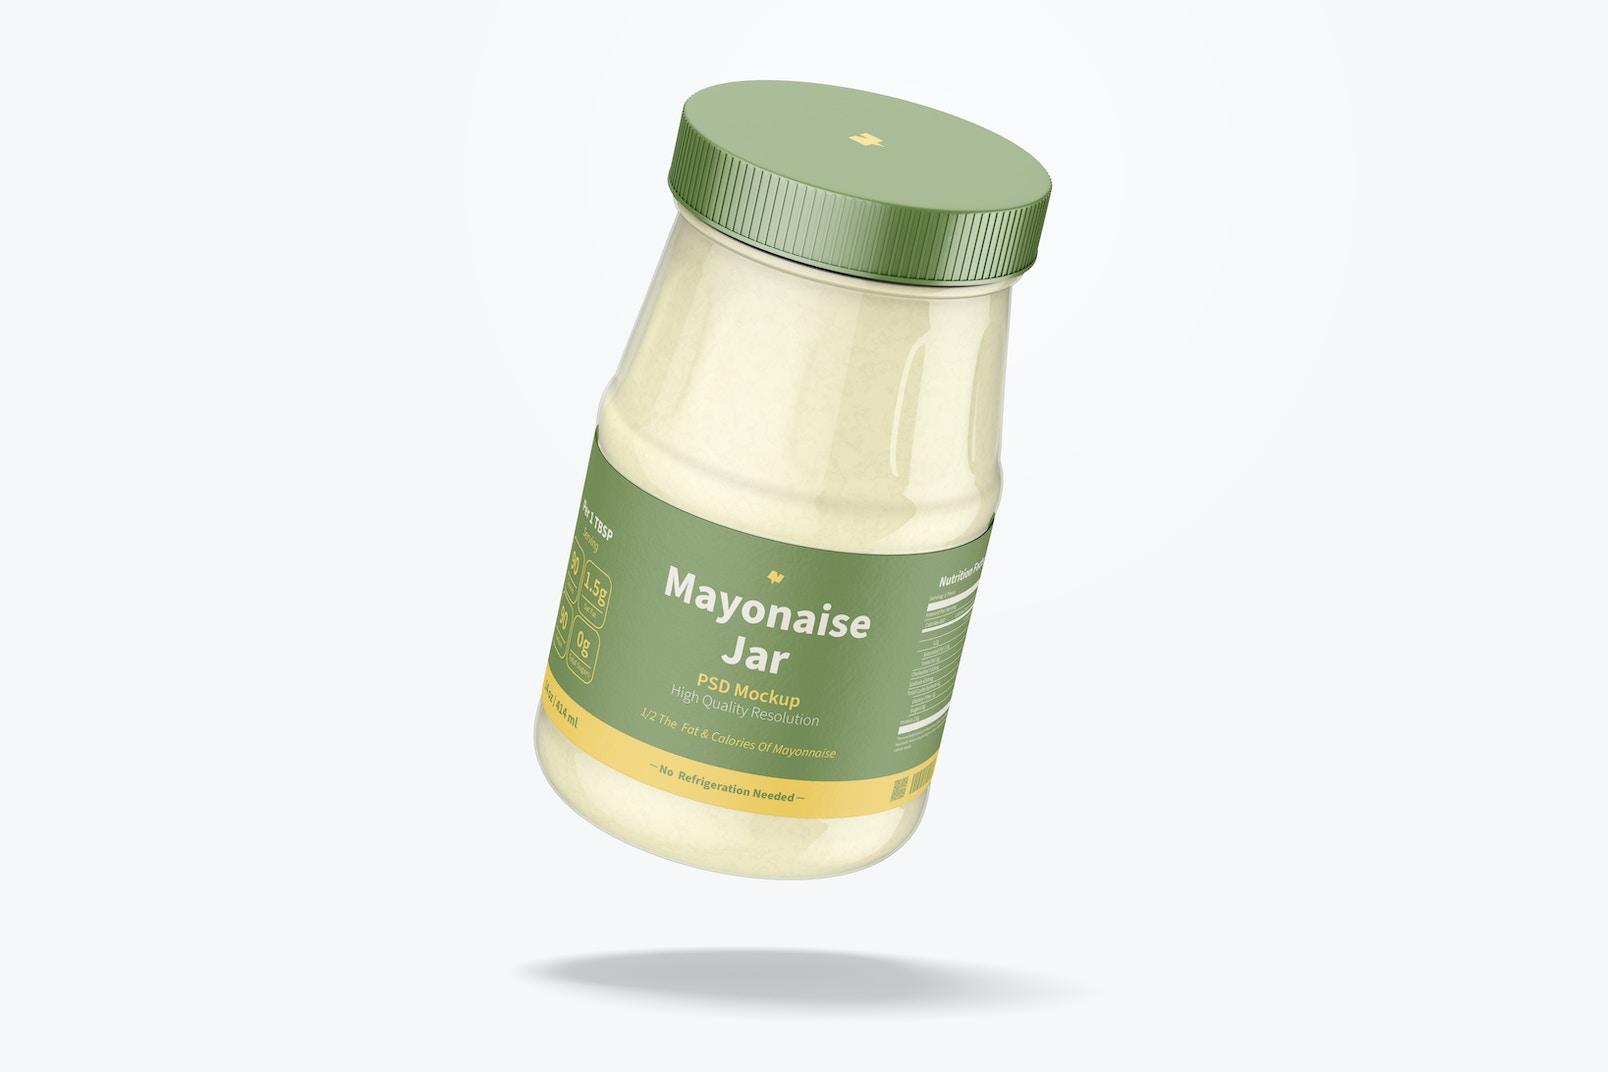 14 oz Mayonnaise Jar Mockup, Floating